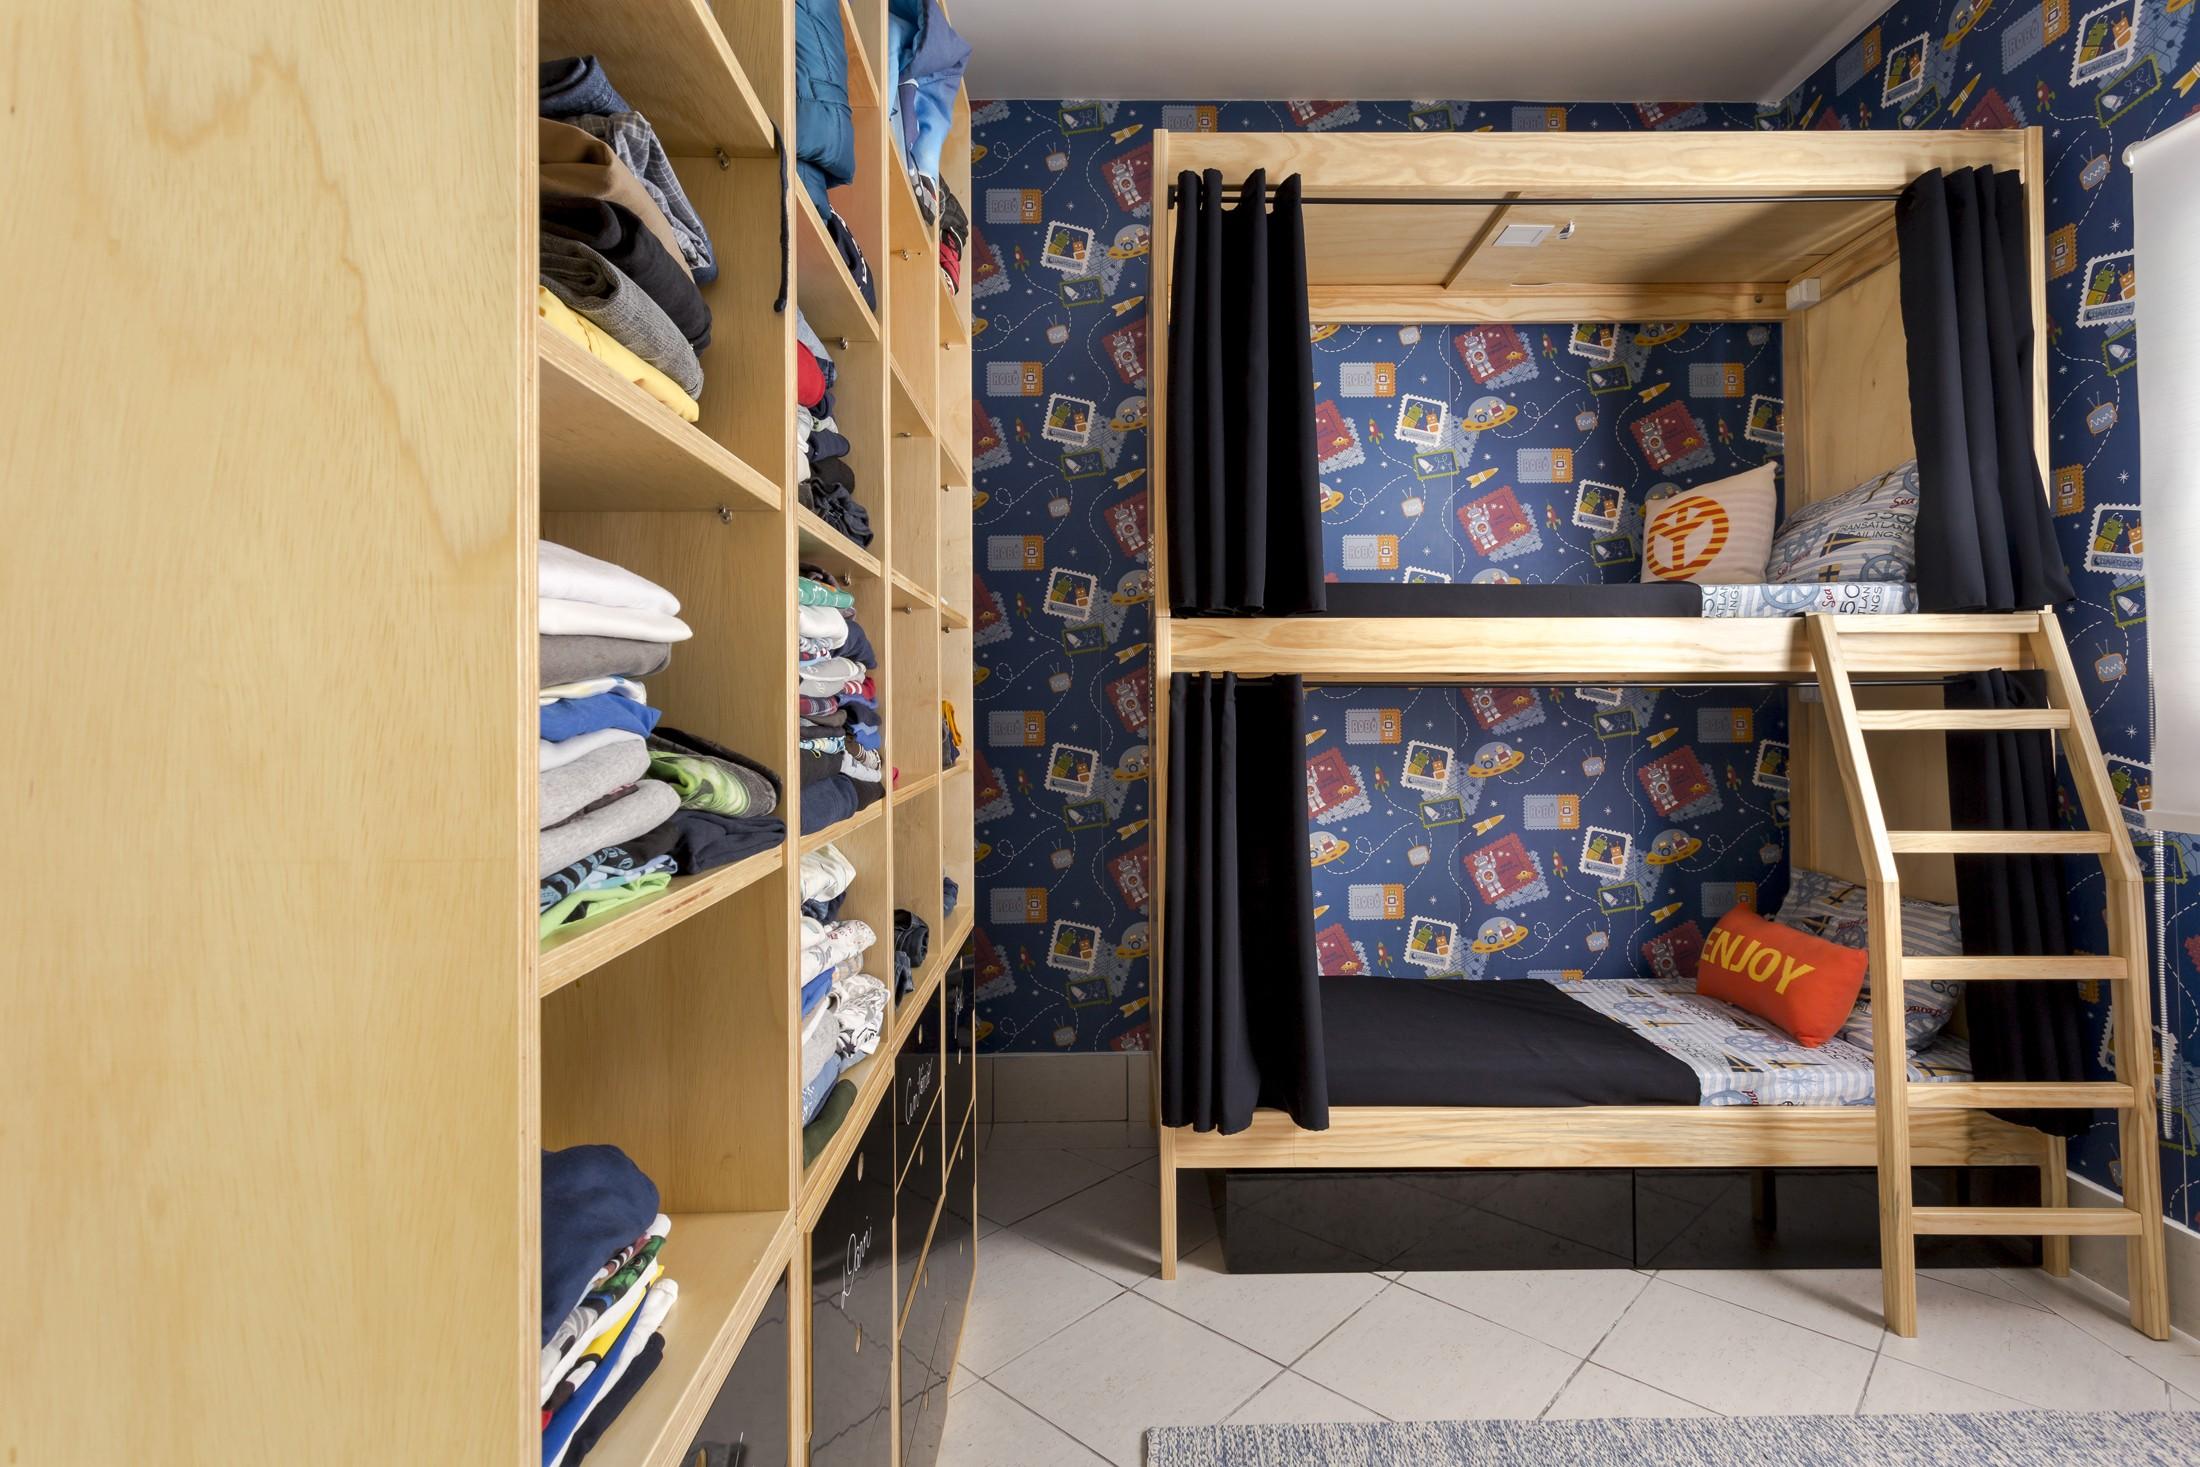 Quartos também ganharam novas camas e marcas de roupa também fizeram doações (Foto: Divulgação)